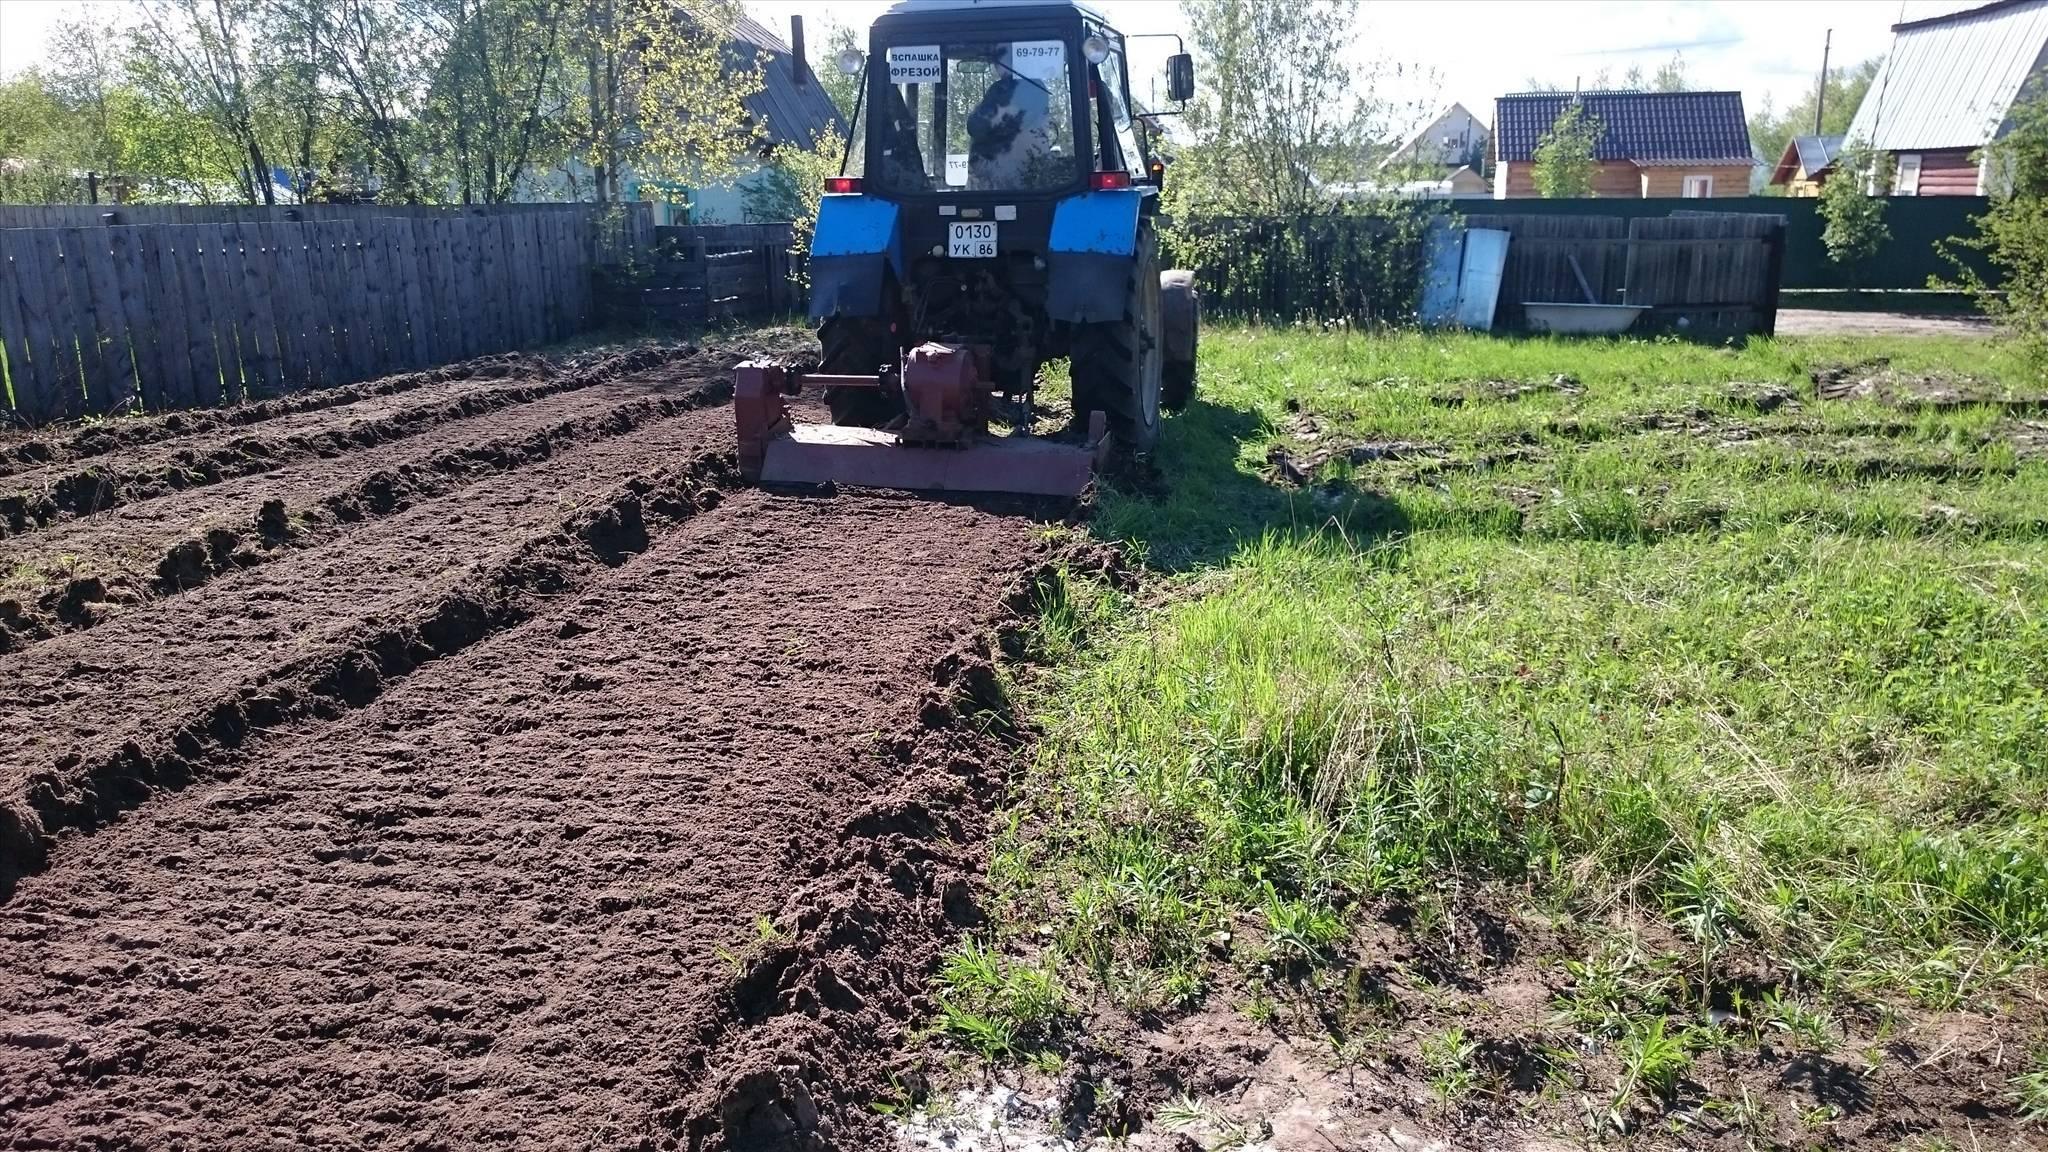 Когда и как правильно сеять горчицу как сидерат, особенности посева, для улучшения почвы, когда закапывать